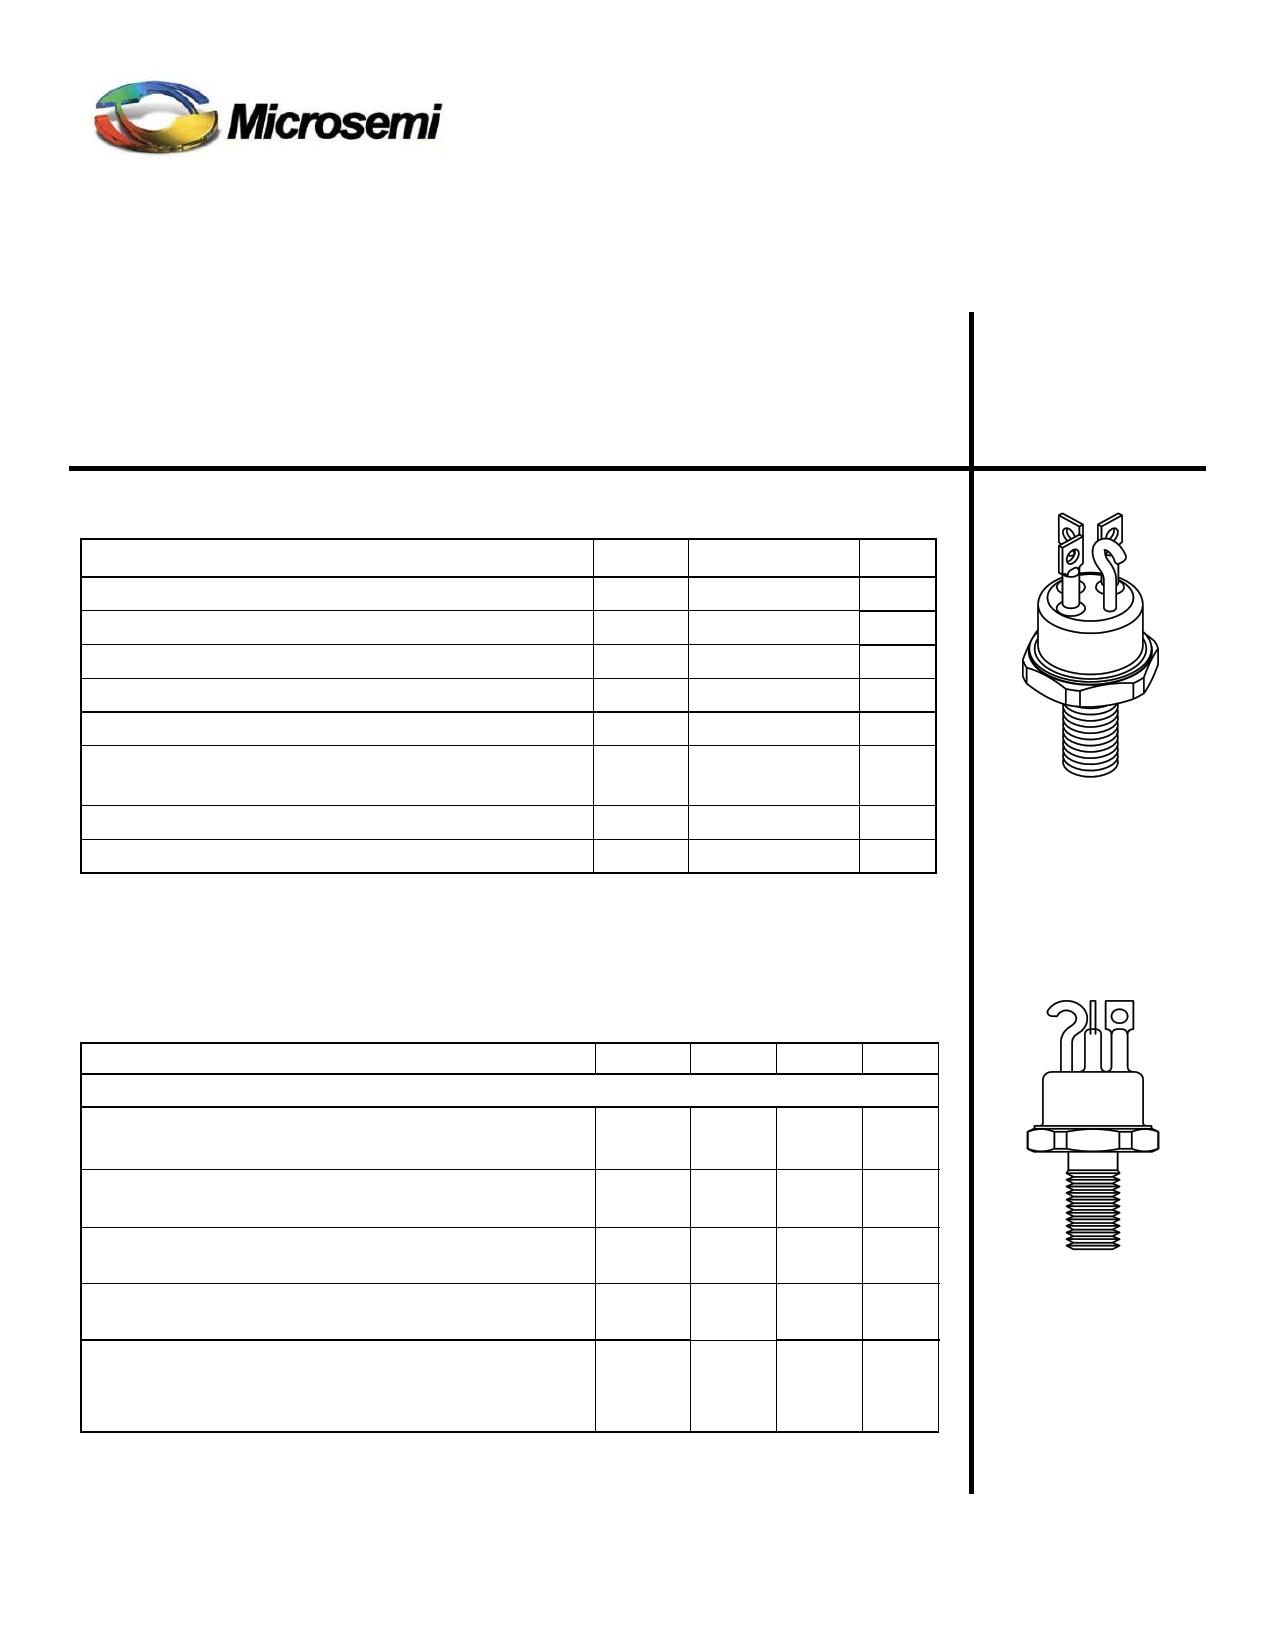 2N3996 دیتاشیت PDF